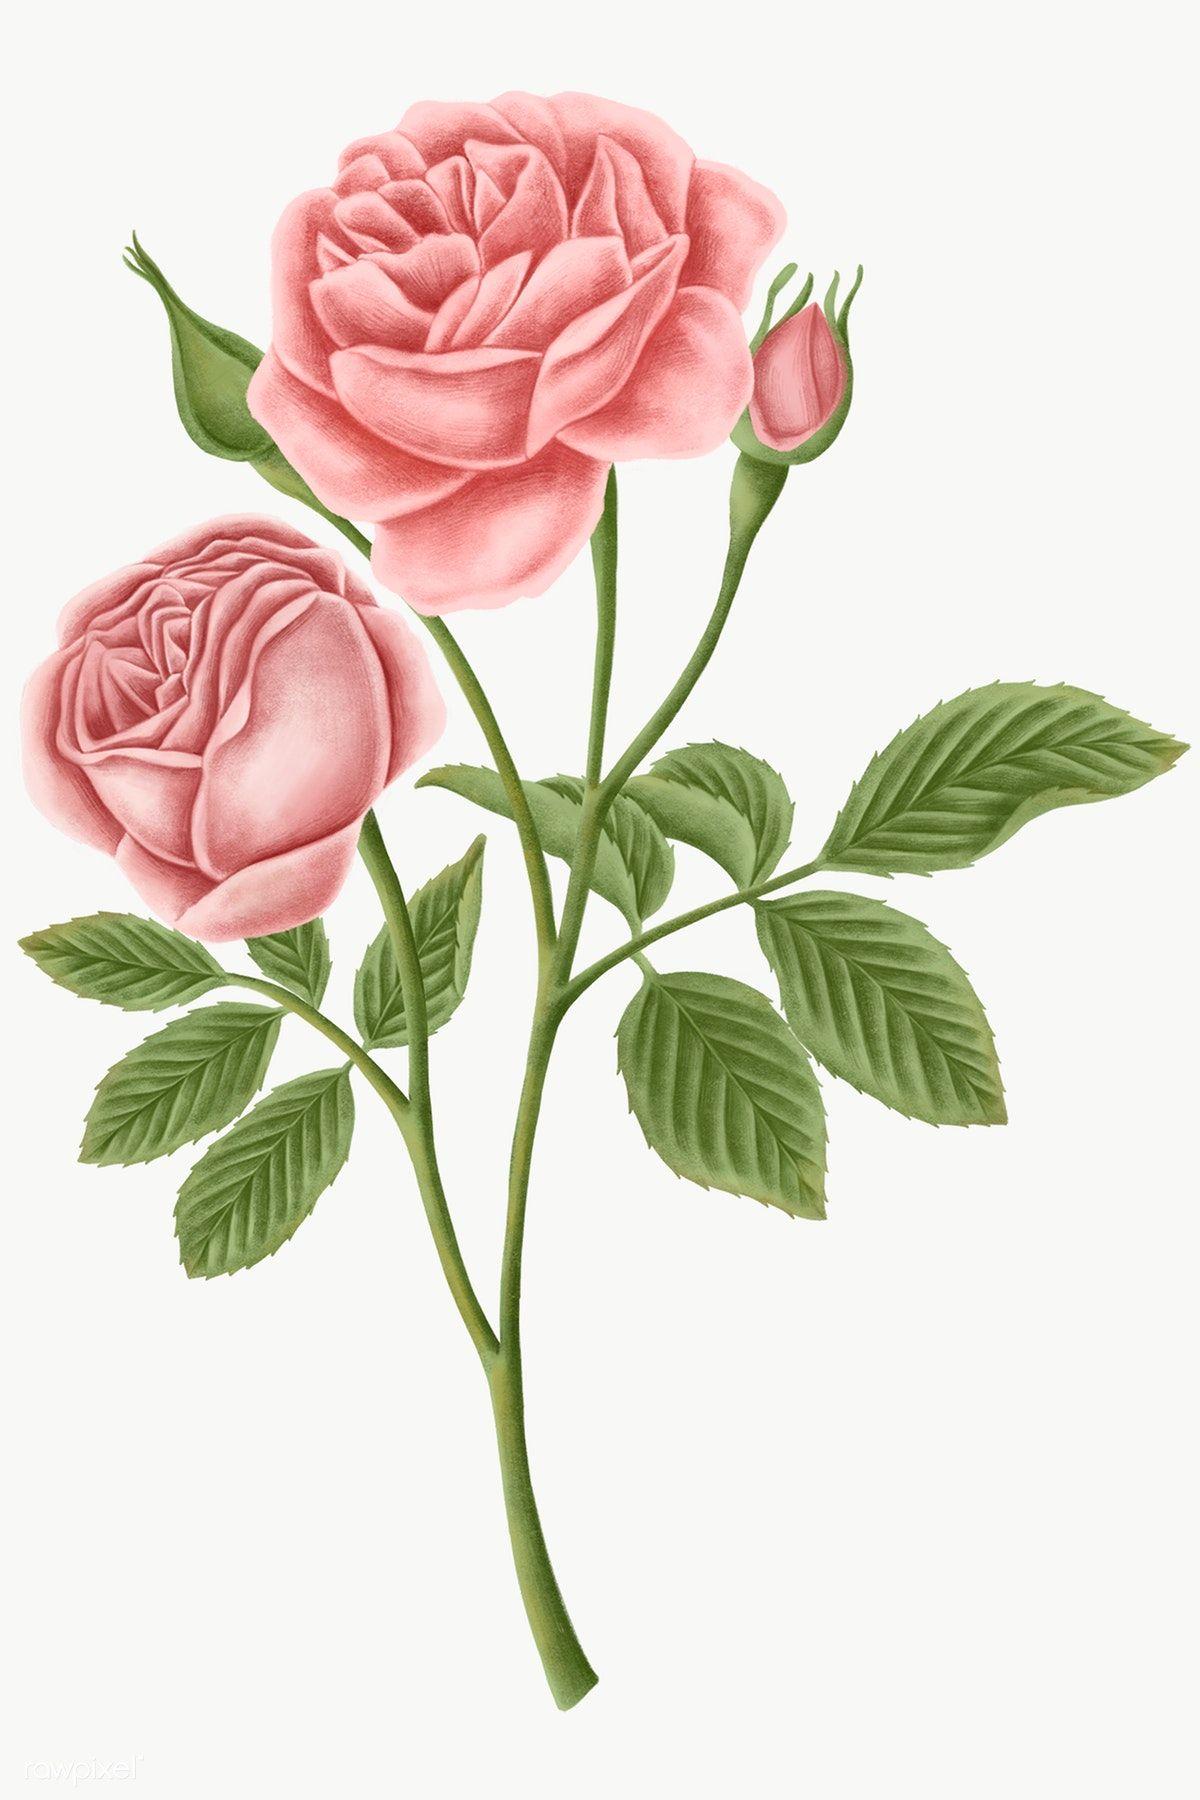 Download Premium Png Of Vintage Rose Flower Transparent Png 2091313 In 2020 Flower Illustration Vintage Roses Botanical Illustration Vintage